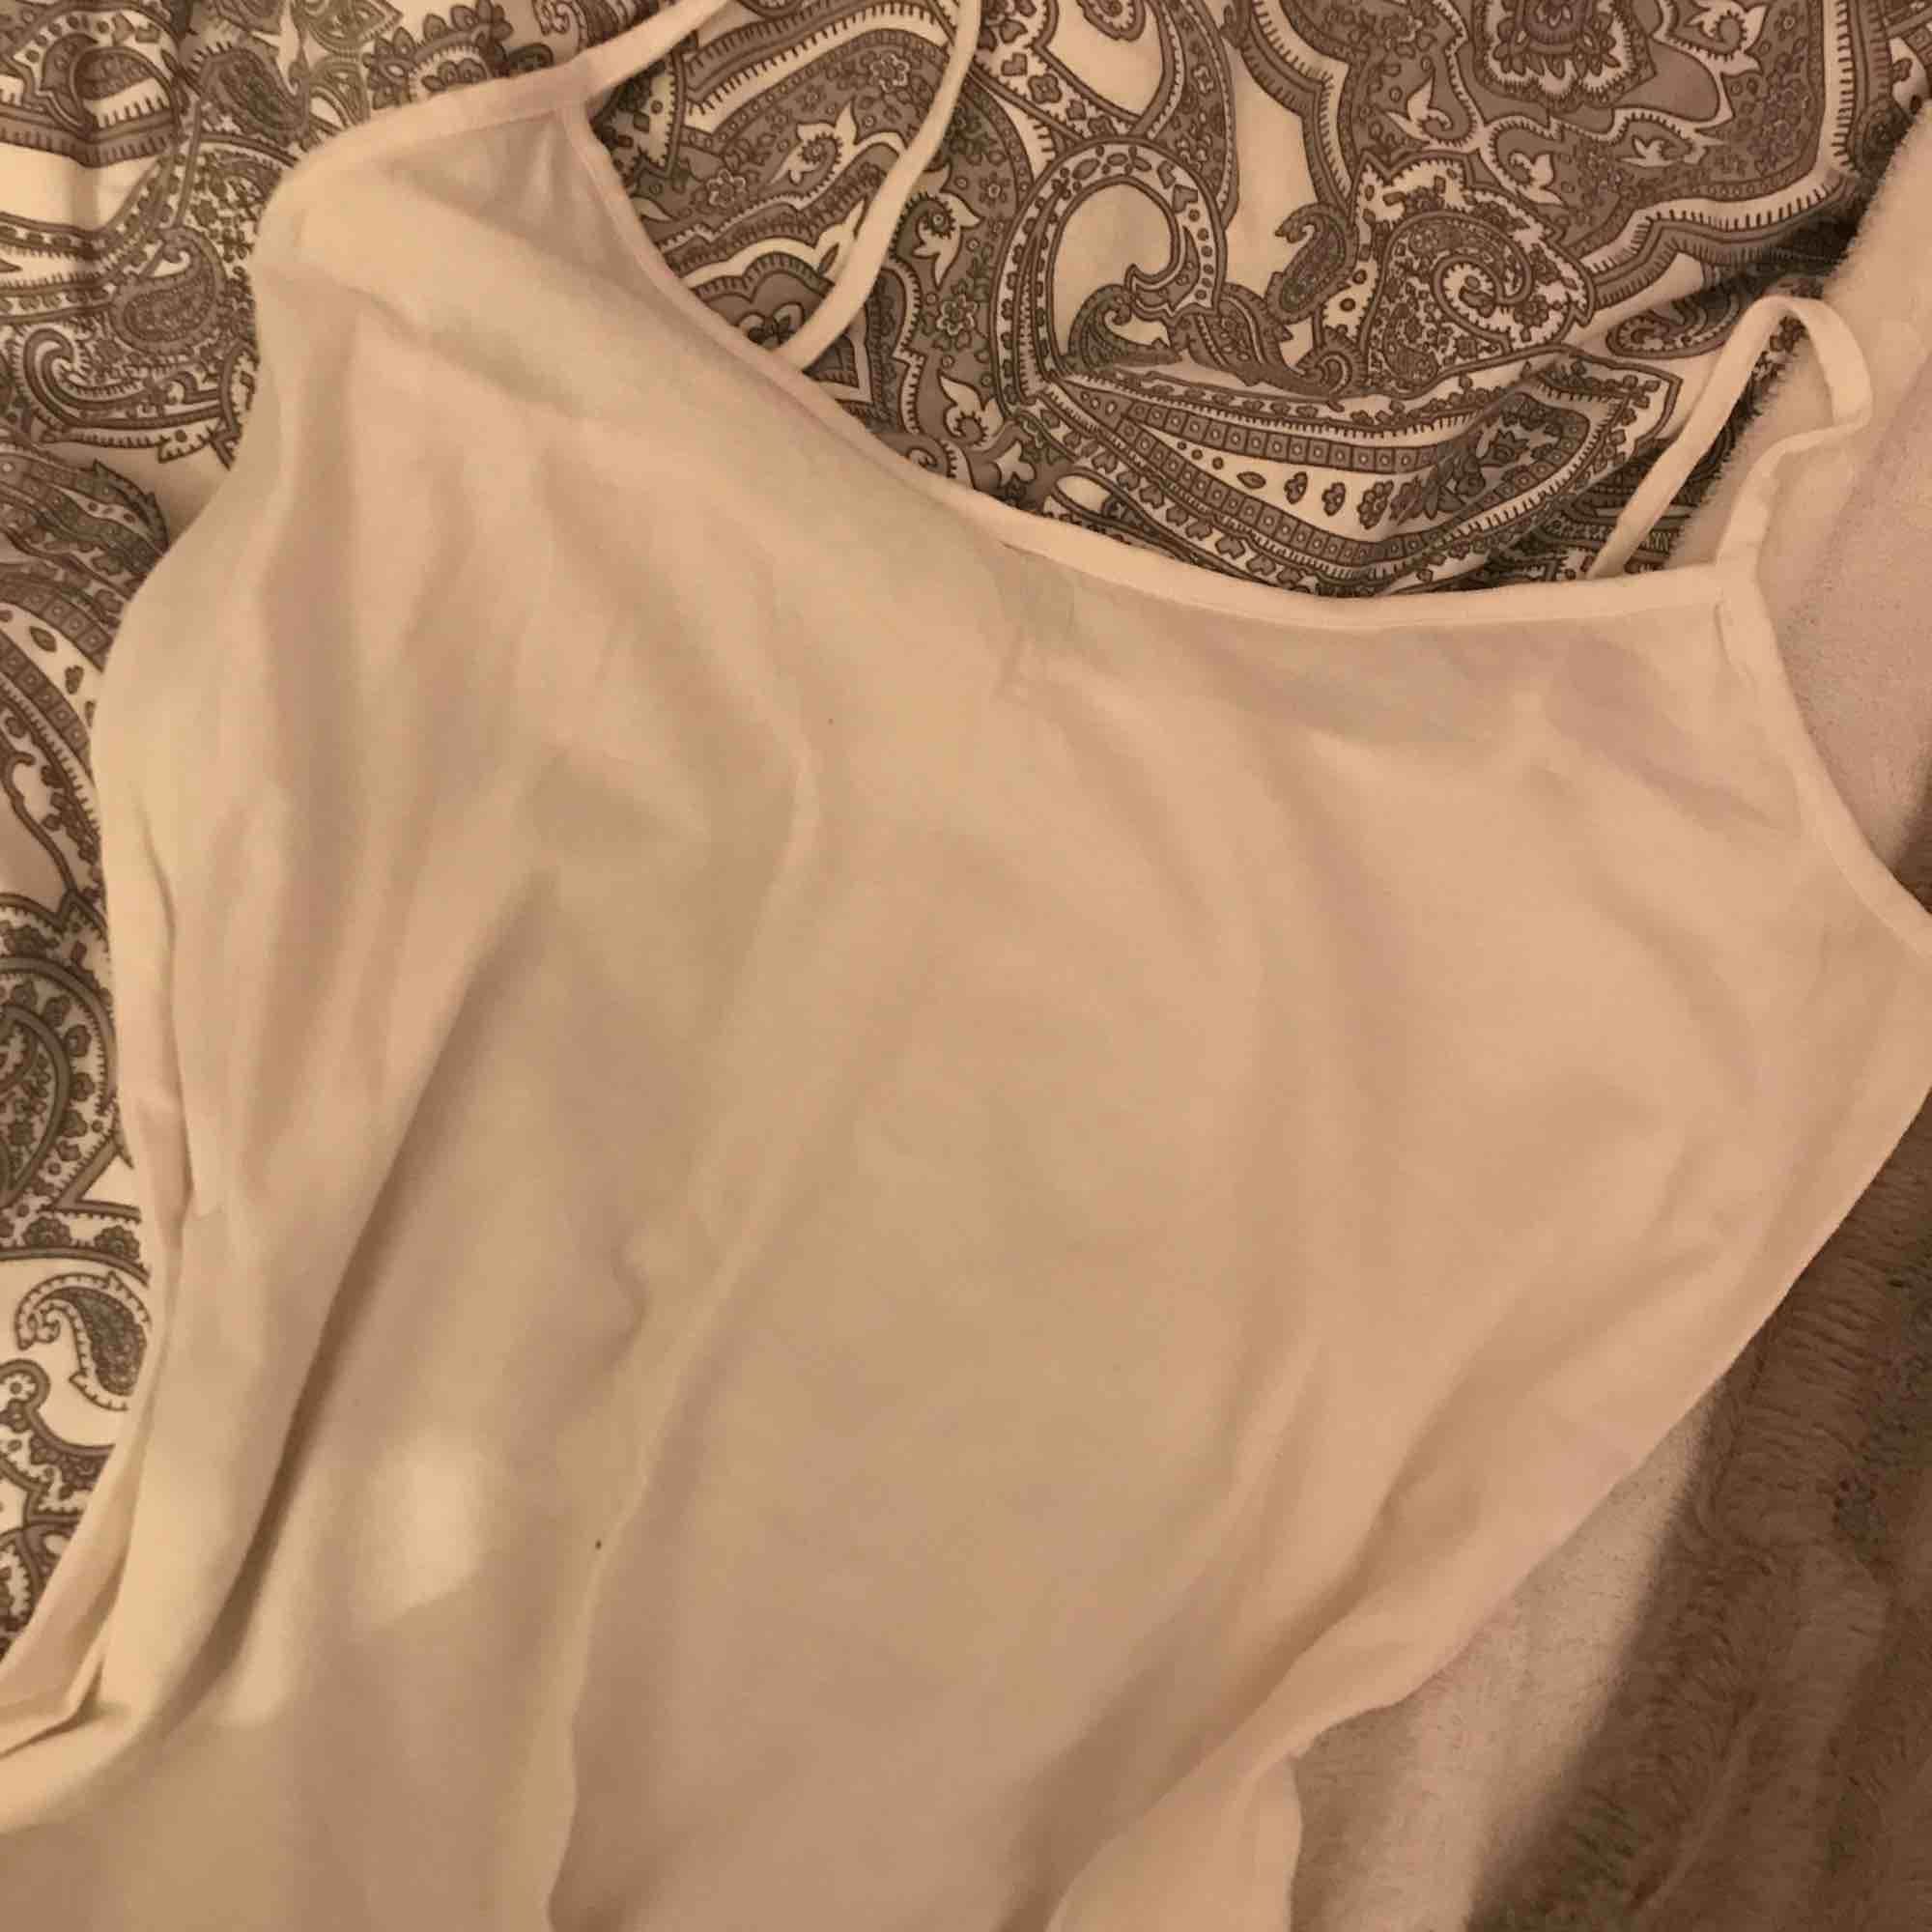 Ett linne från kappahl Köpt i våras Aldrig använt  Kan lämnas i Eskilstuna, Köping, kungsör även i Göteborg 1 november -3 nov. Toppar.